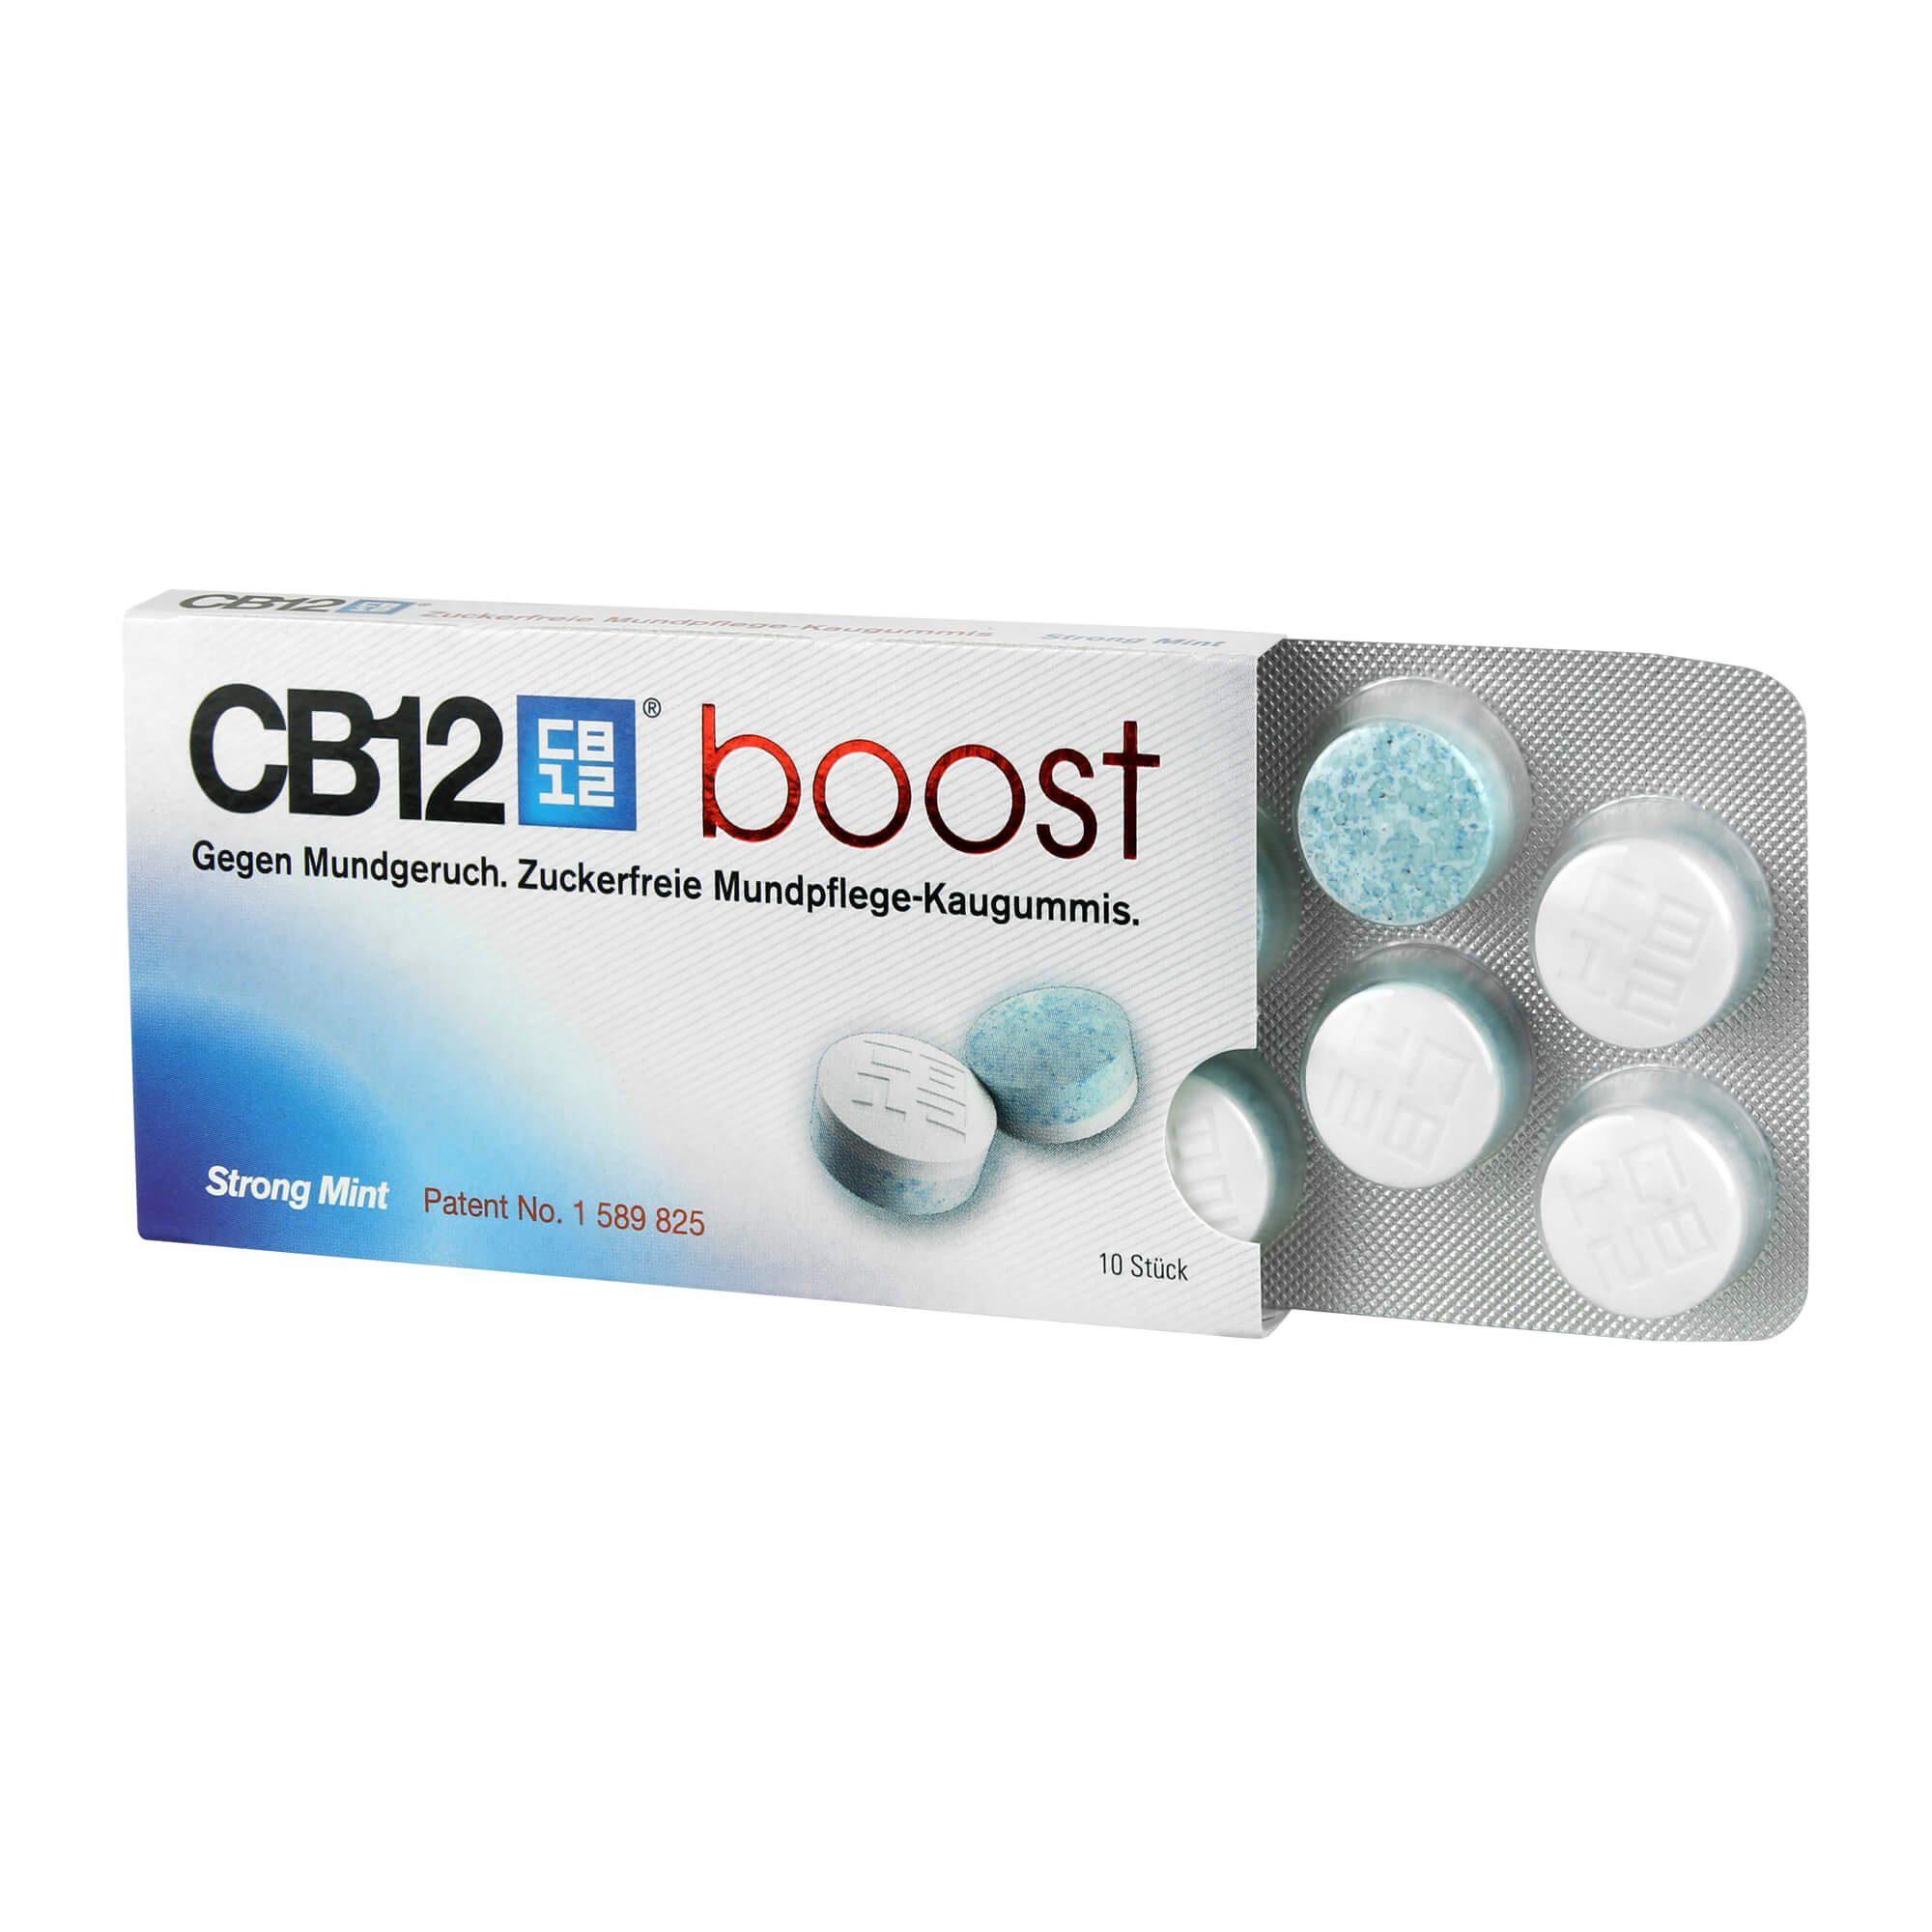 CB12 Boost Kaugummi (, 10 St)